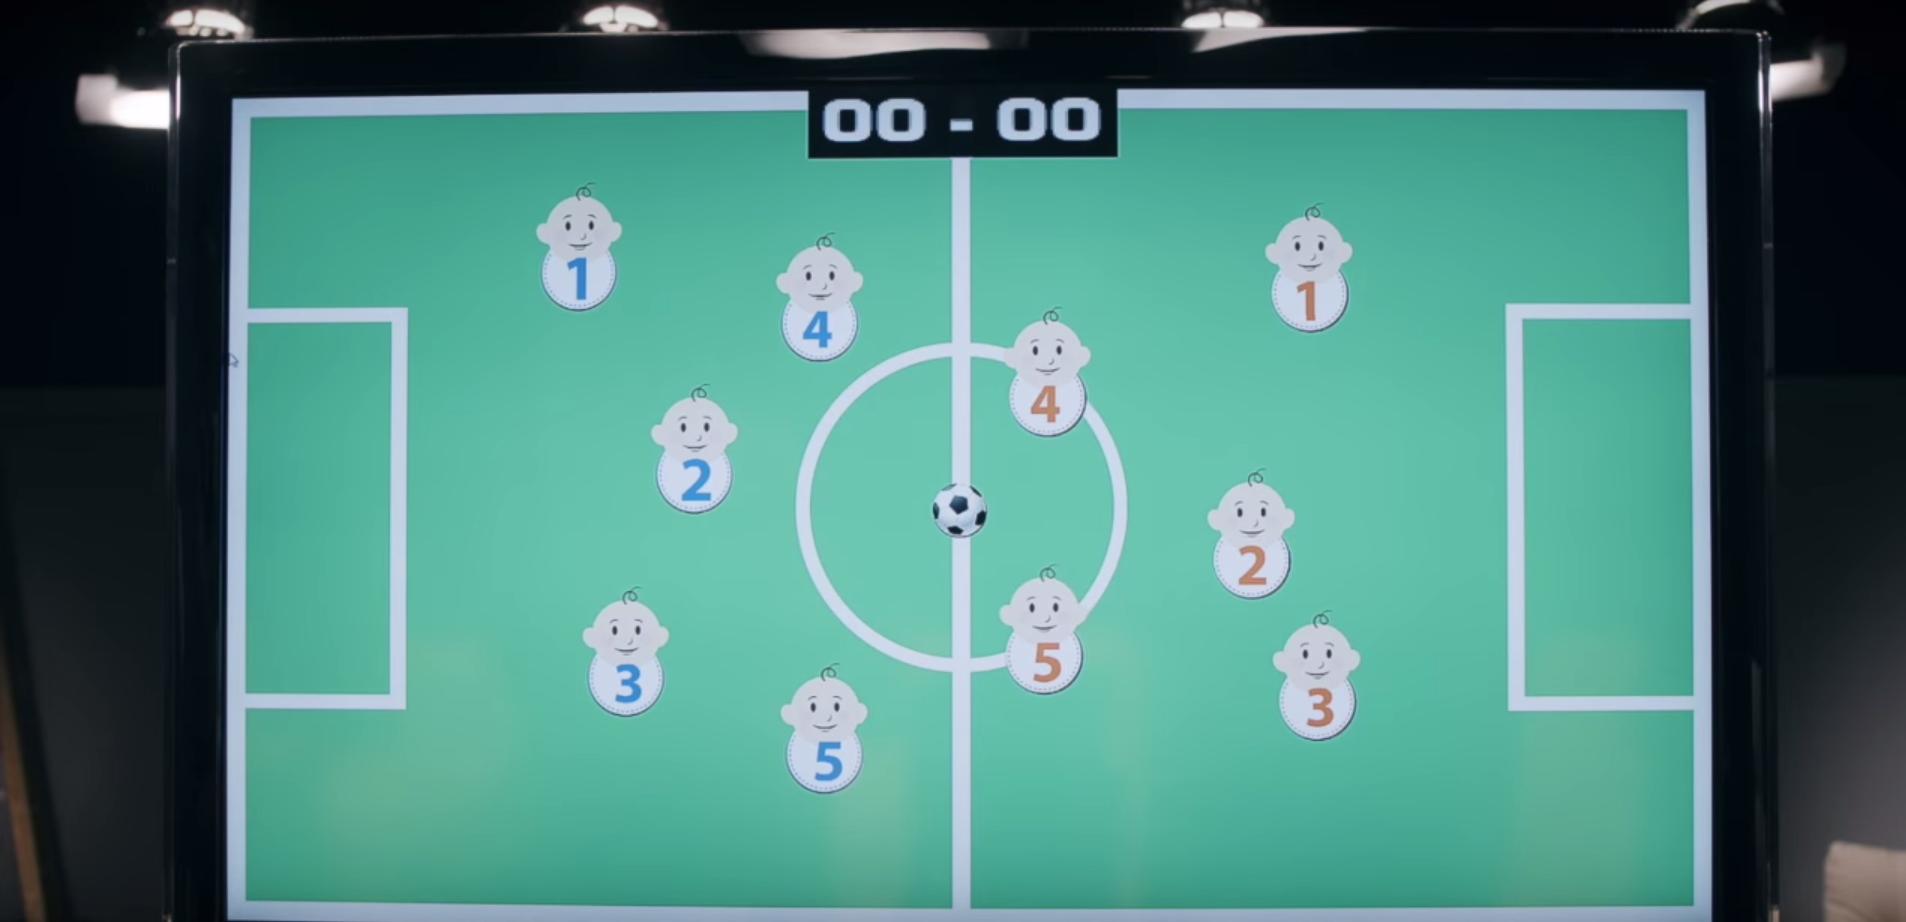 Ecco la prima partita di calcio giocata da dentro il pancione!